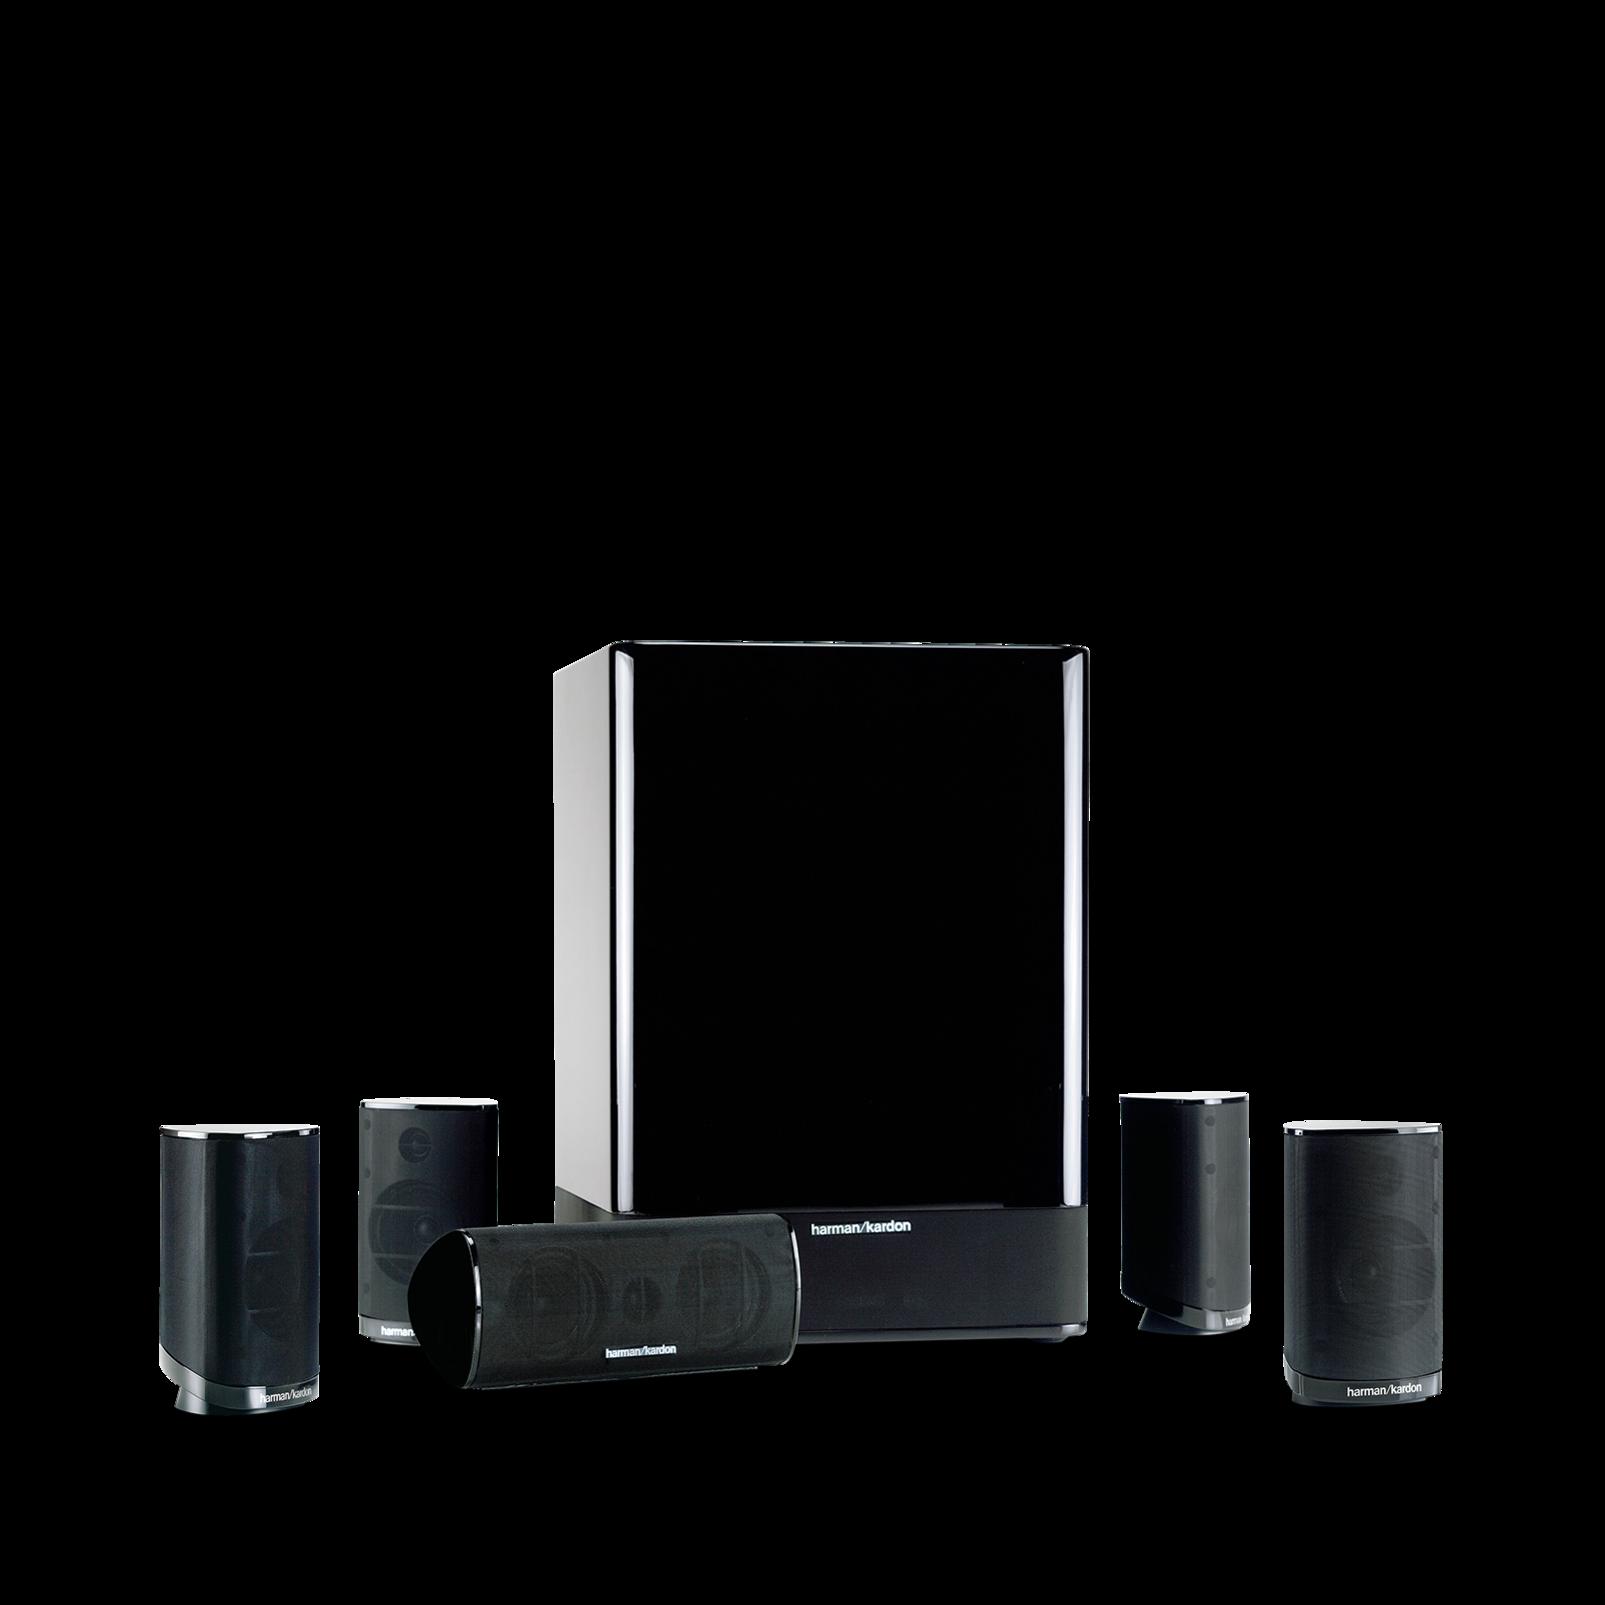 harman kardon hkts 15 5 1 speaker system refurbished 139. Black Bedroom Furniture Sets. Home Design Ideas